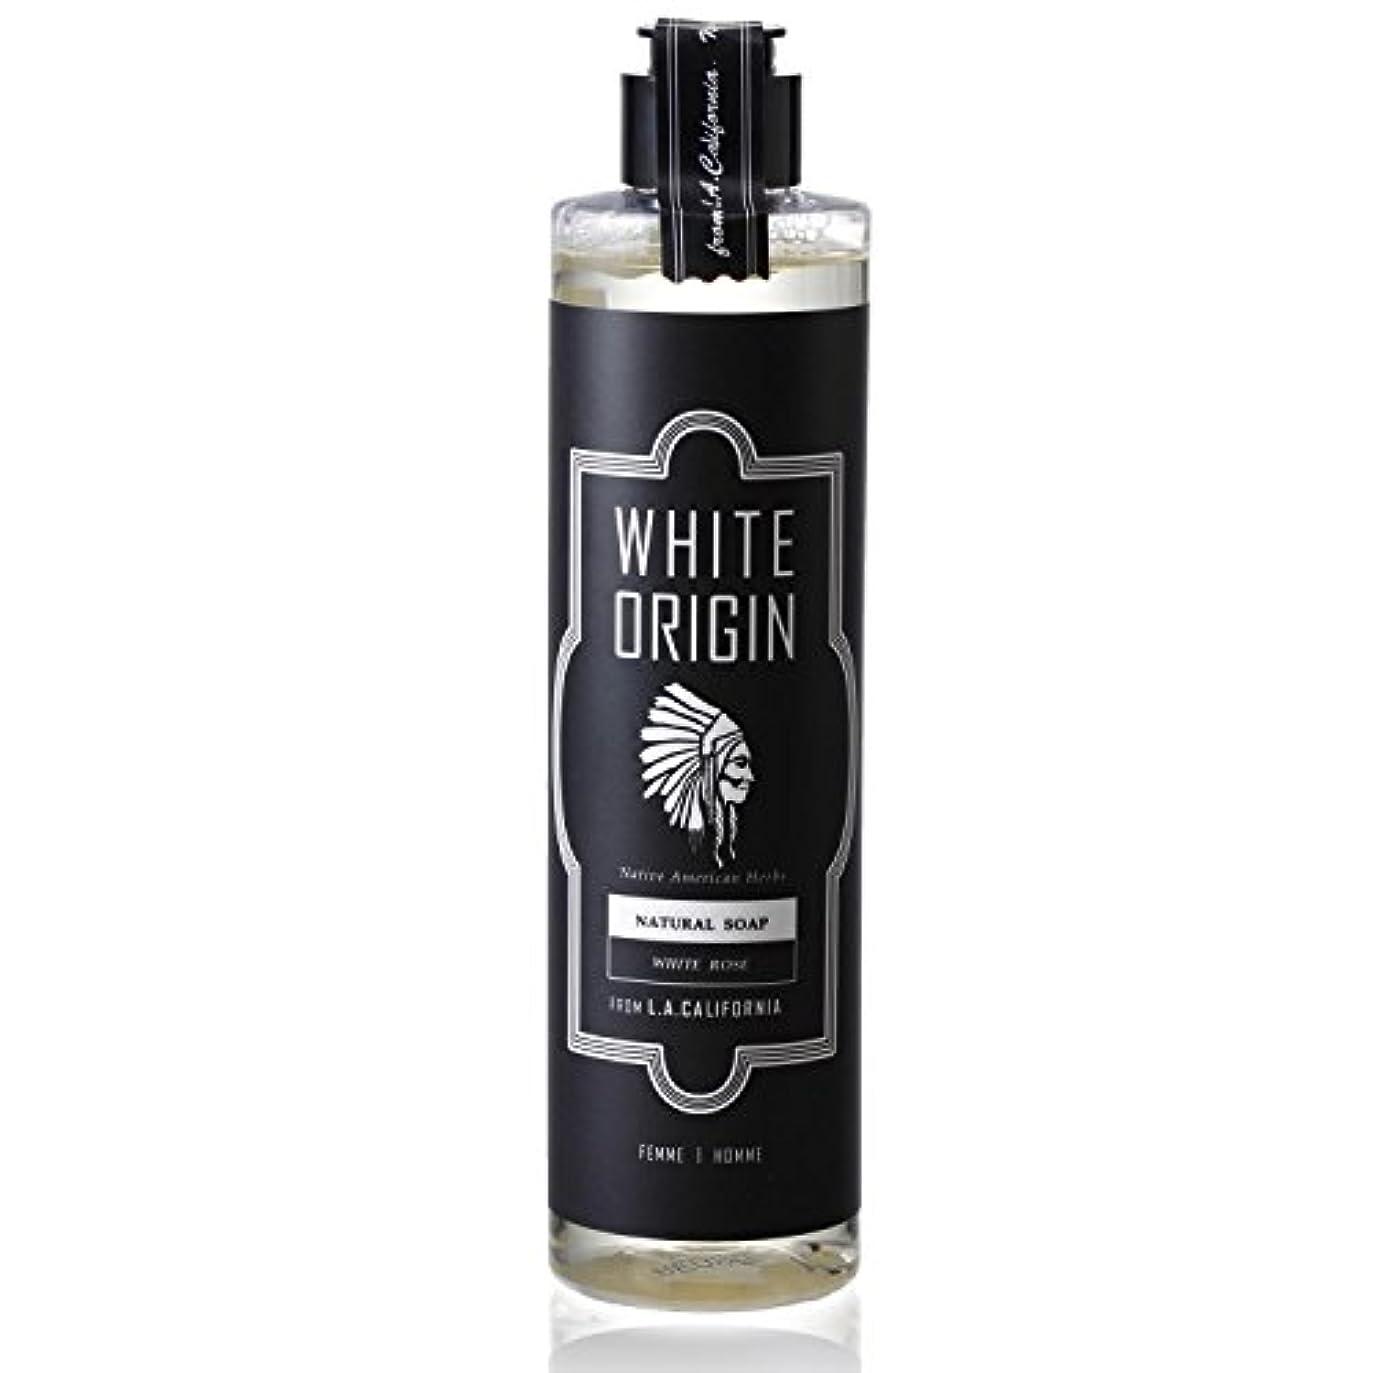 すべて道徳の売上高WHITE ORIGIN ボディソープ 300ml 加齢臭 ケア オーガニック ナチュラル 男前 乾燥 ホワイトローズ